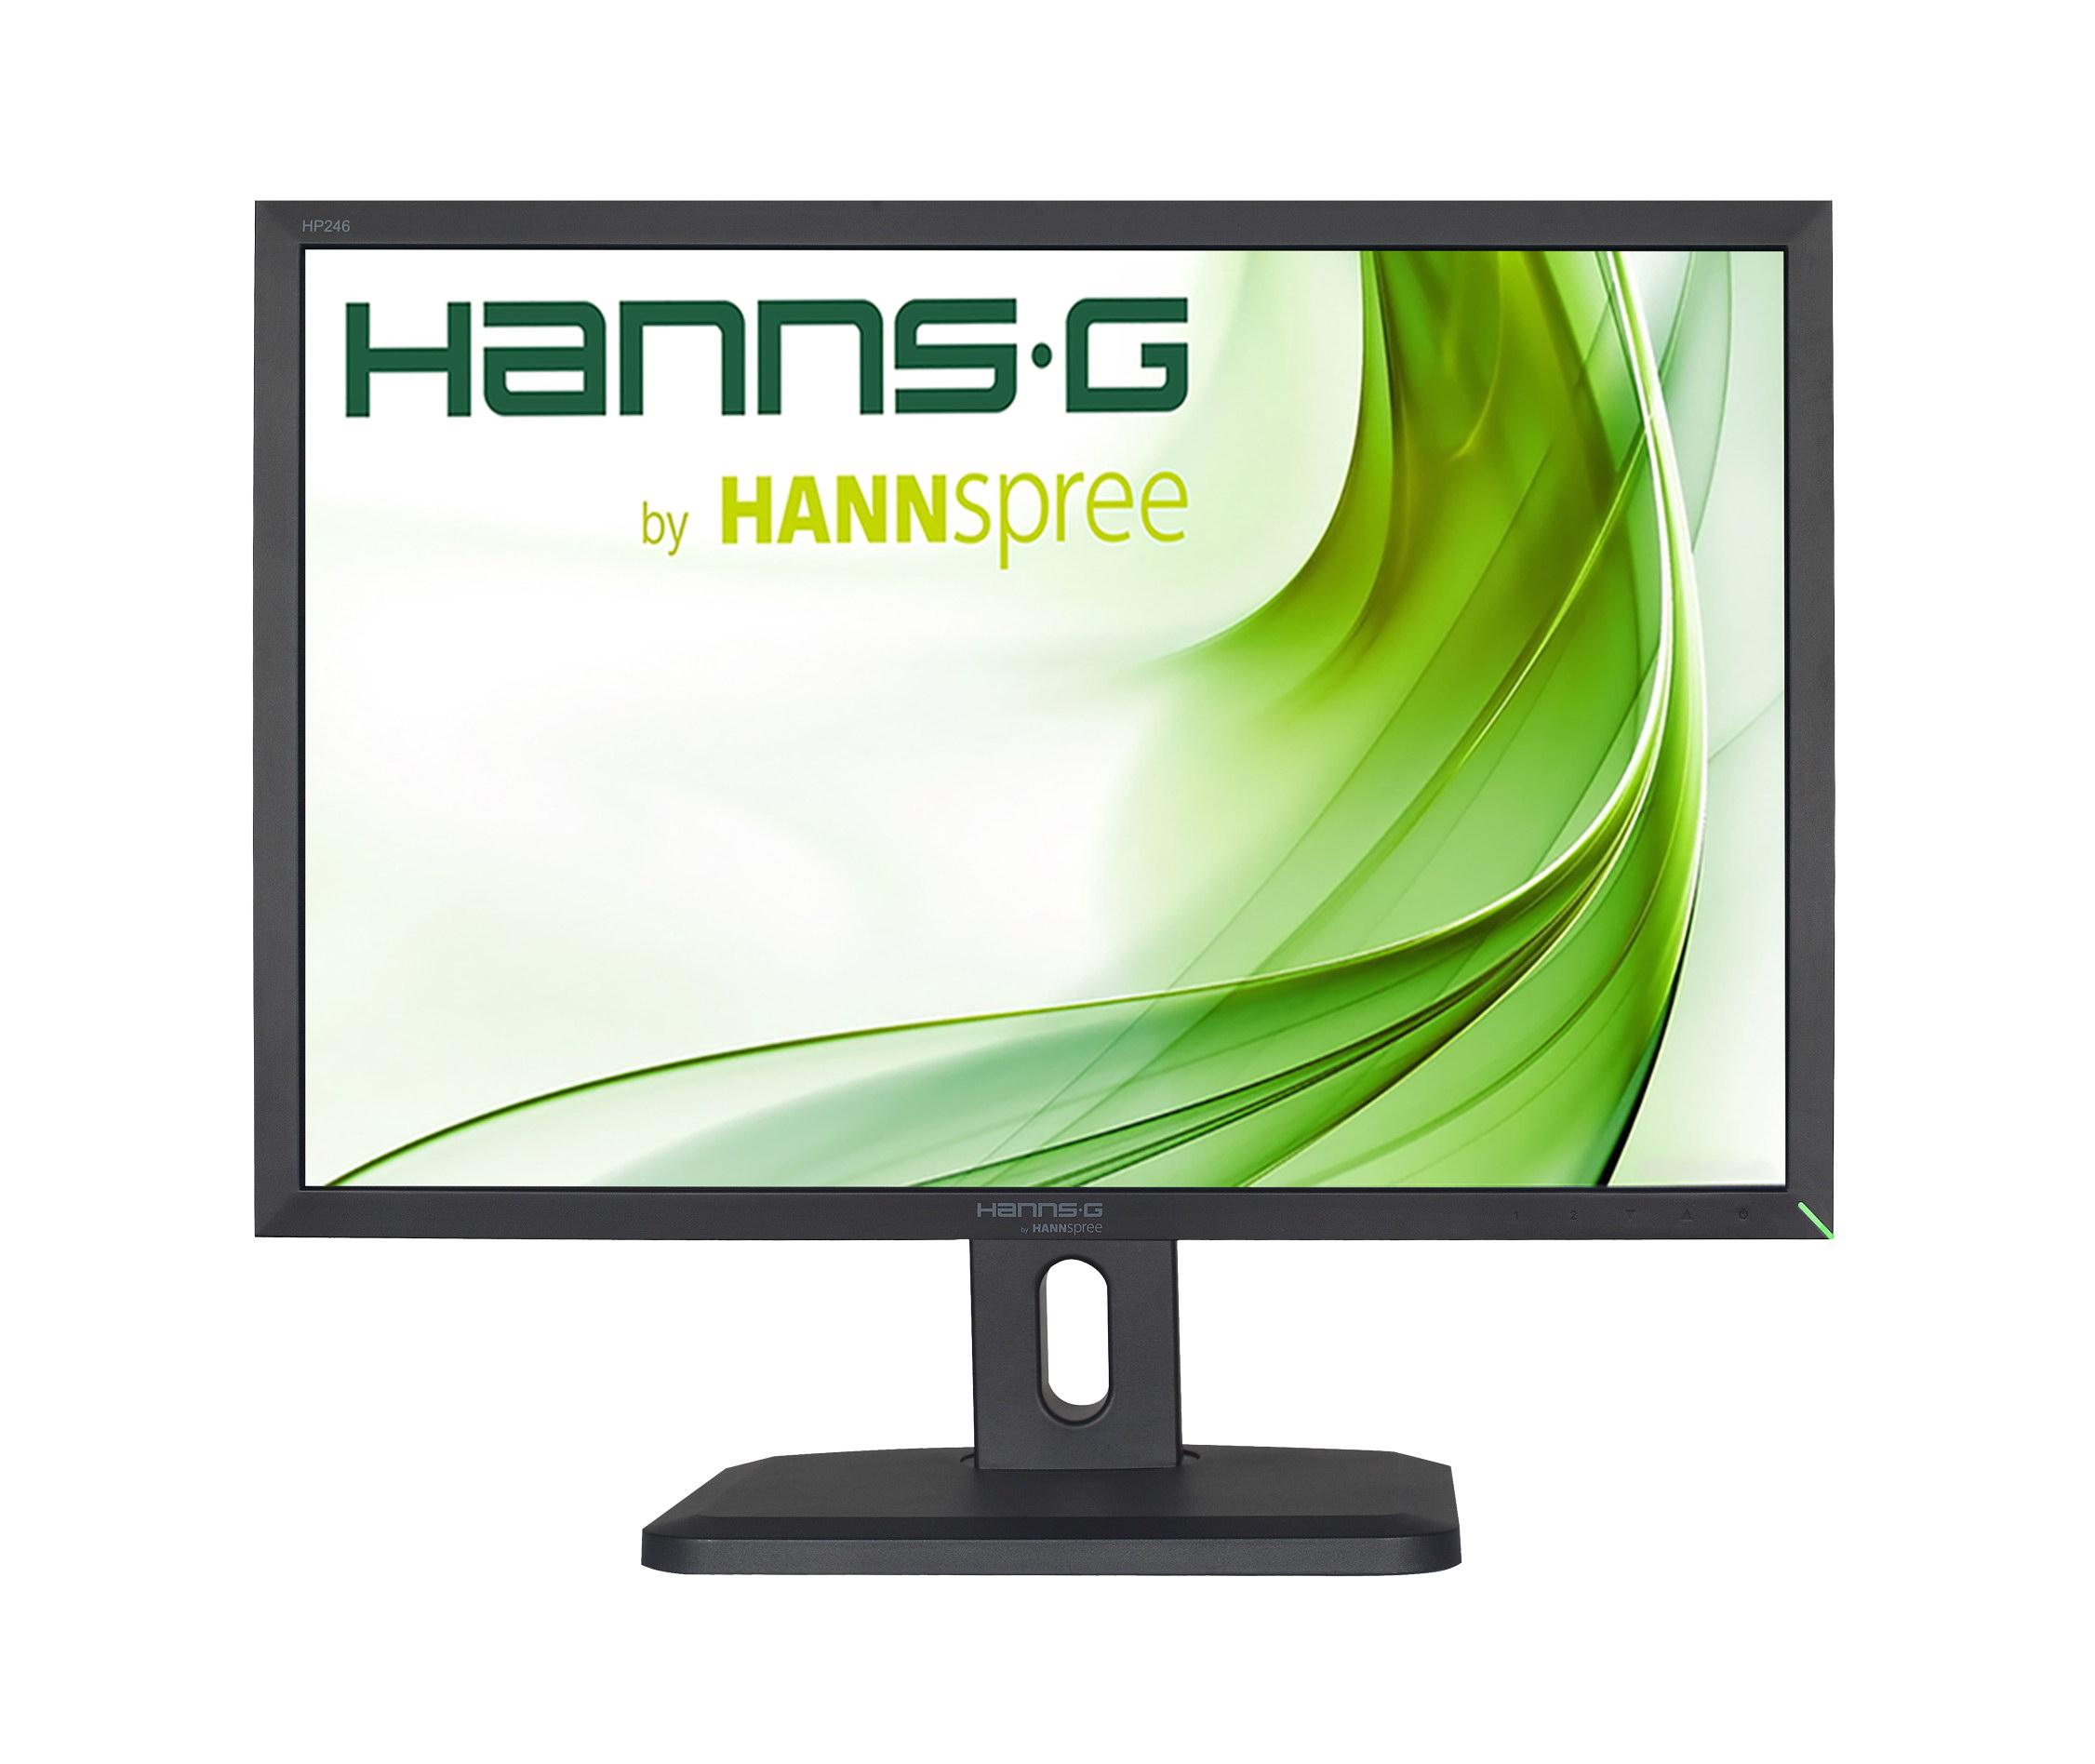 """Hannspree Hanns.G HP 246 PJB 24"""" TFT Matt Black"""